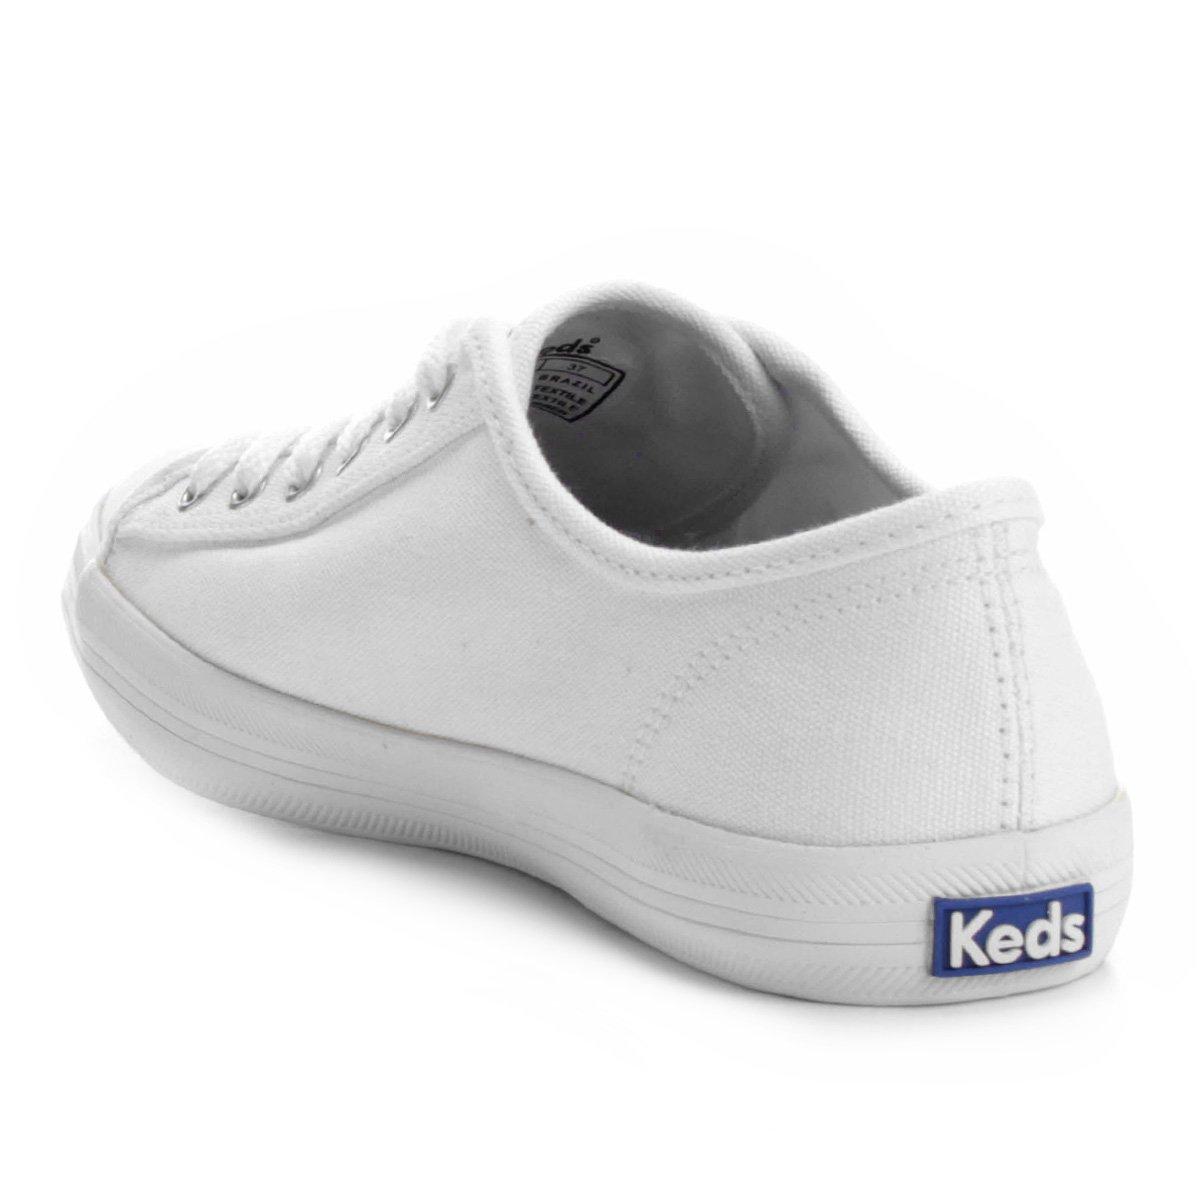 Keds Tênis Kickstart Kickstart Tênis Canvas Canvas Branco Kickstart Feminino Keds Tênis Feminino Branco Keds nxUz8qZpwx